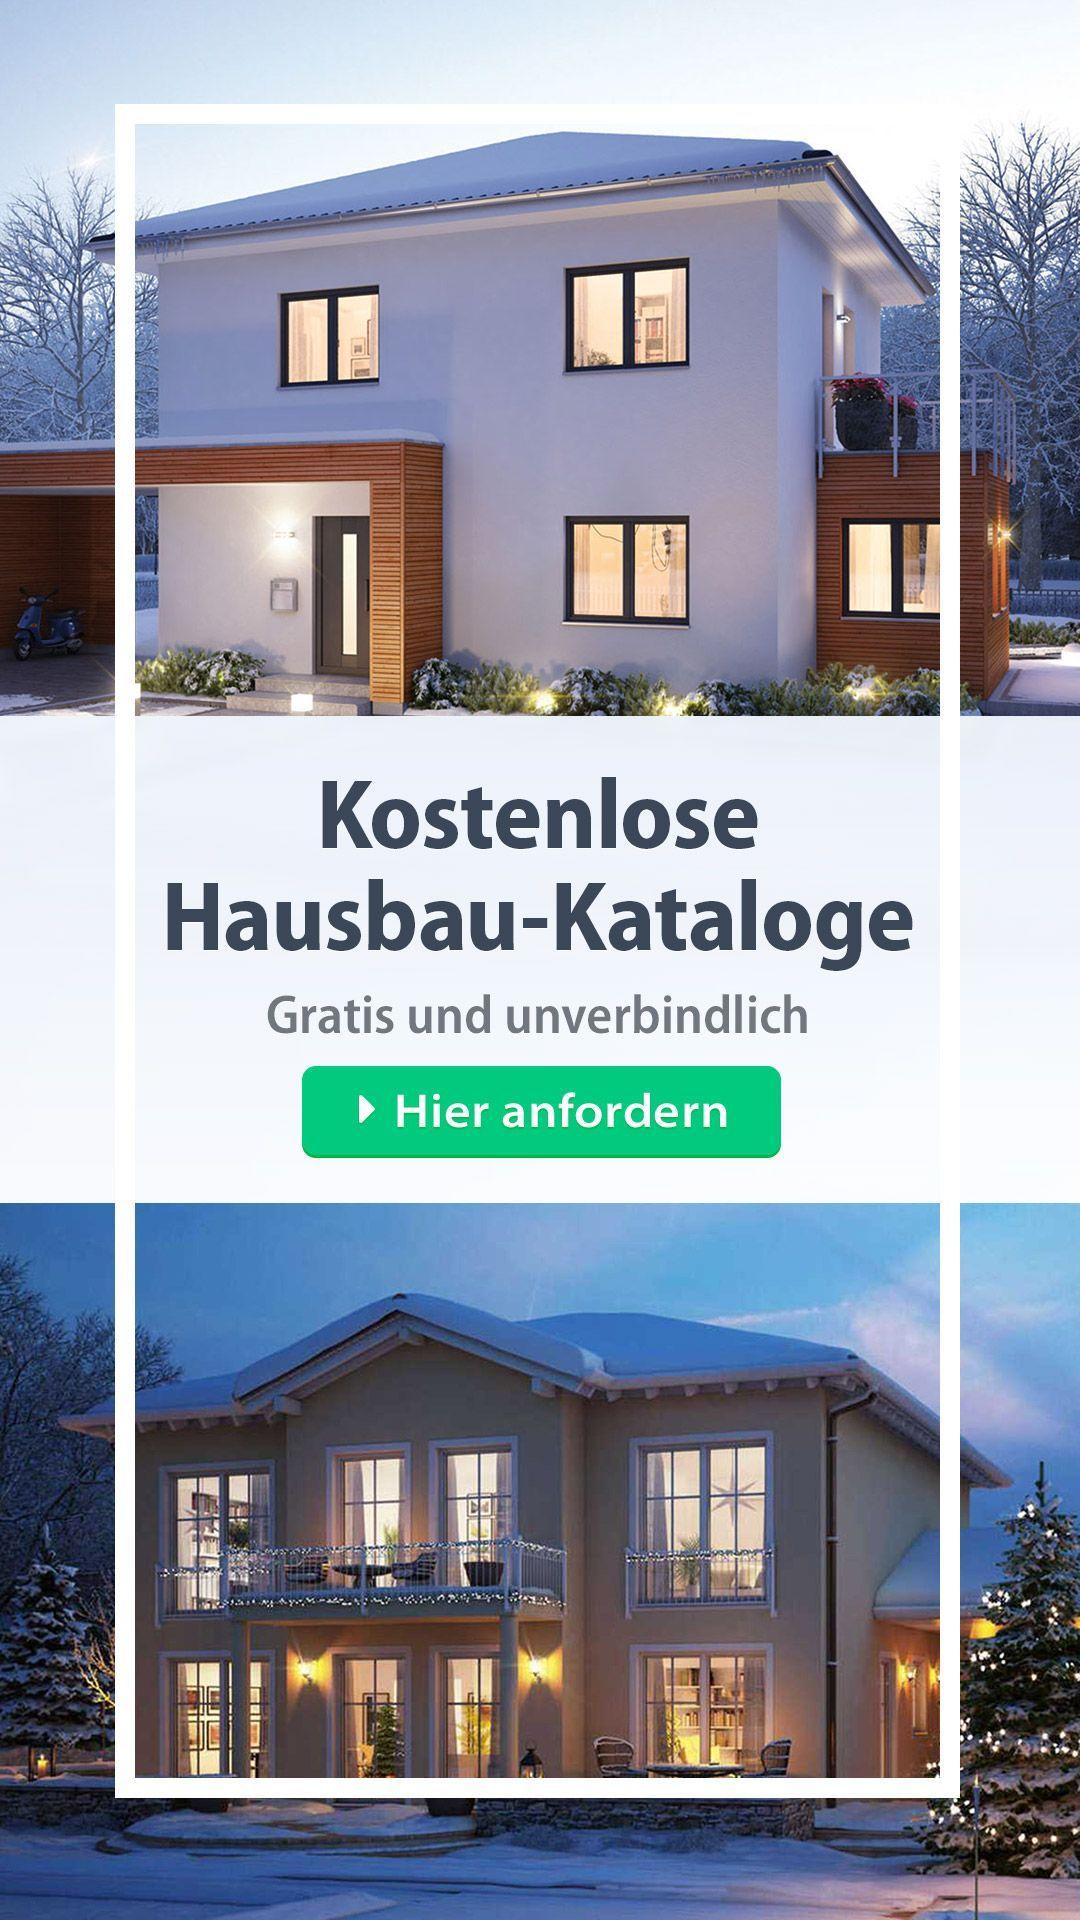 Gratis Hausbau Kataloge Fr 2020 Wer Bauen Will Informiert